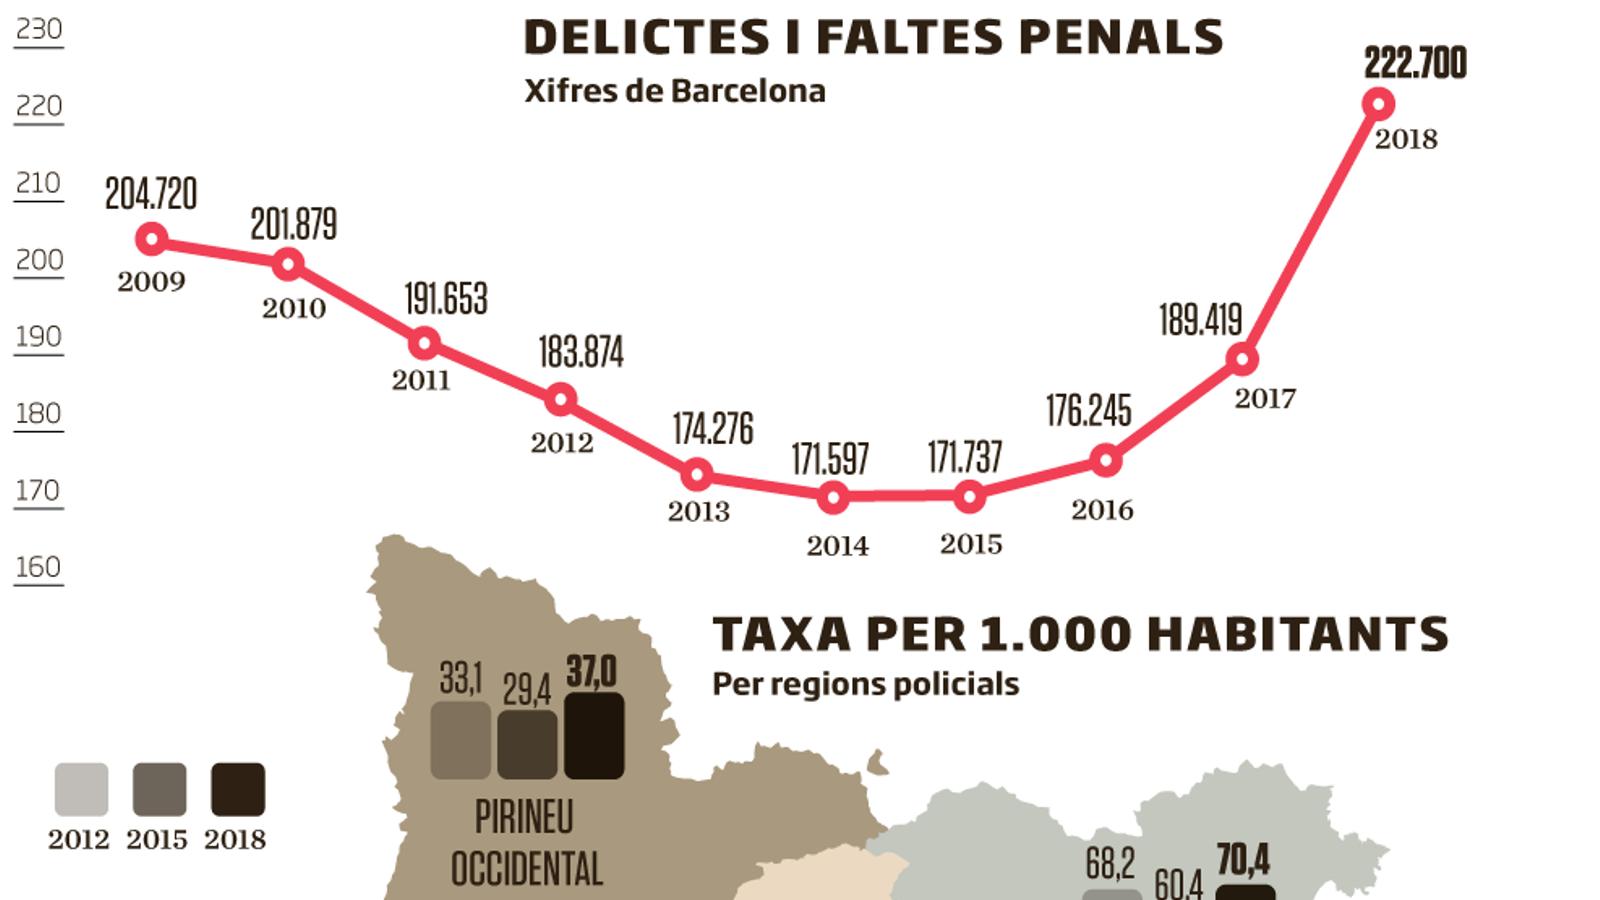 L'efecte de la crisi, el turisme i la gentrificació fan créixer la delinqüència a Barcelona